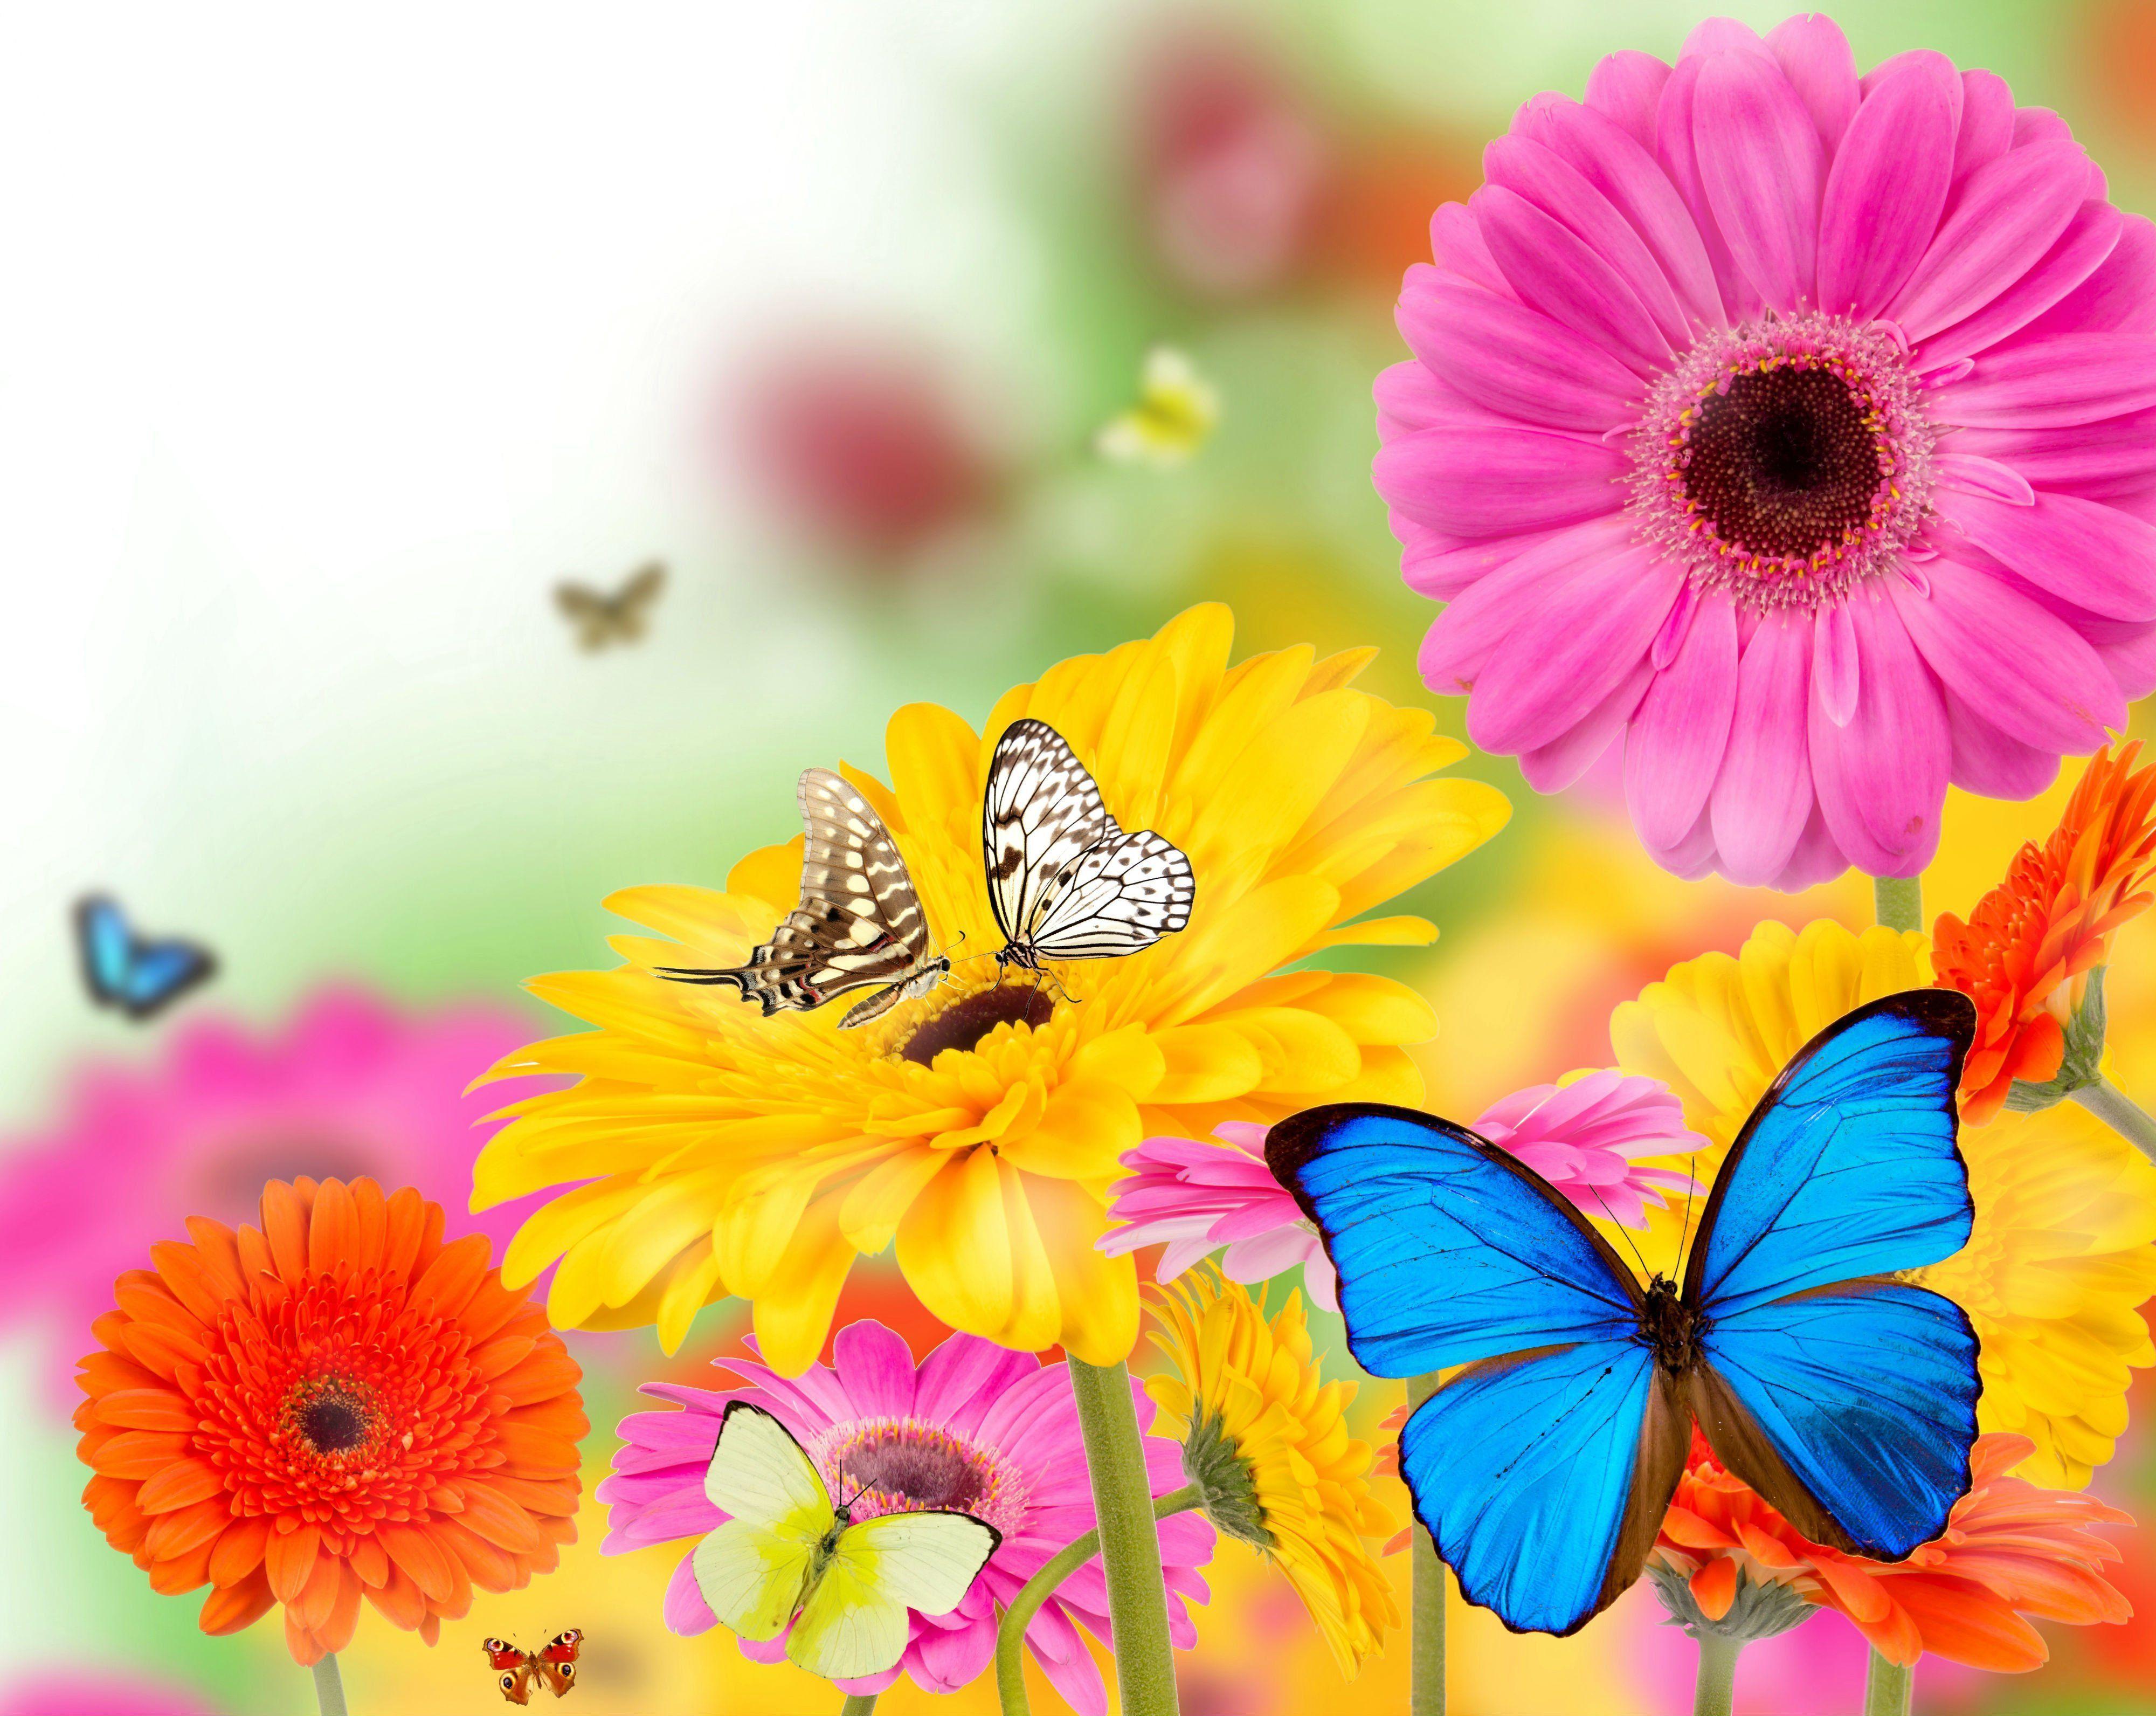 Hình nền con bướm mùa hè 4000x3183